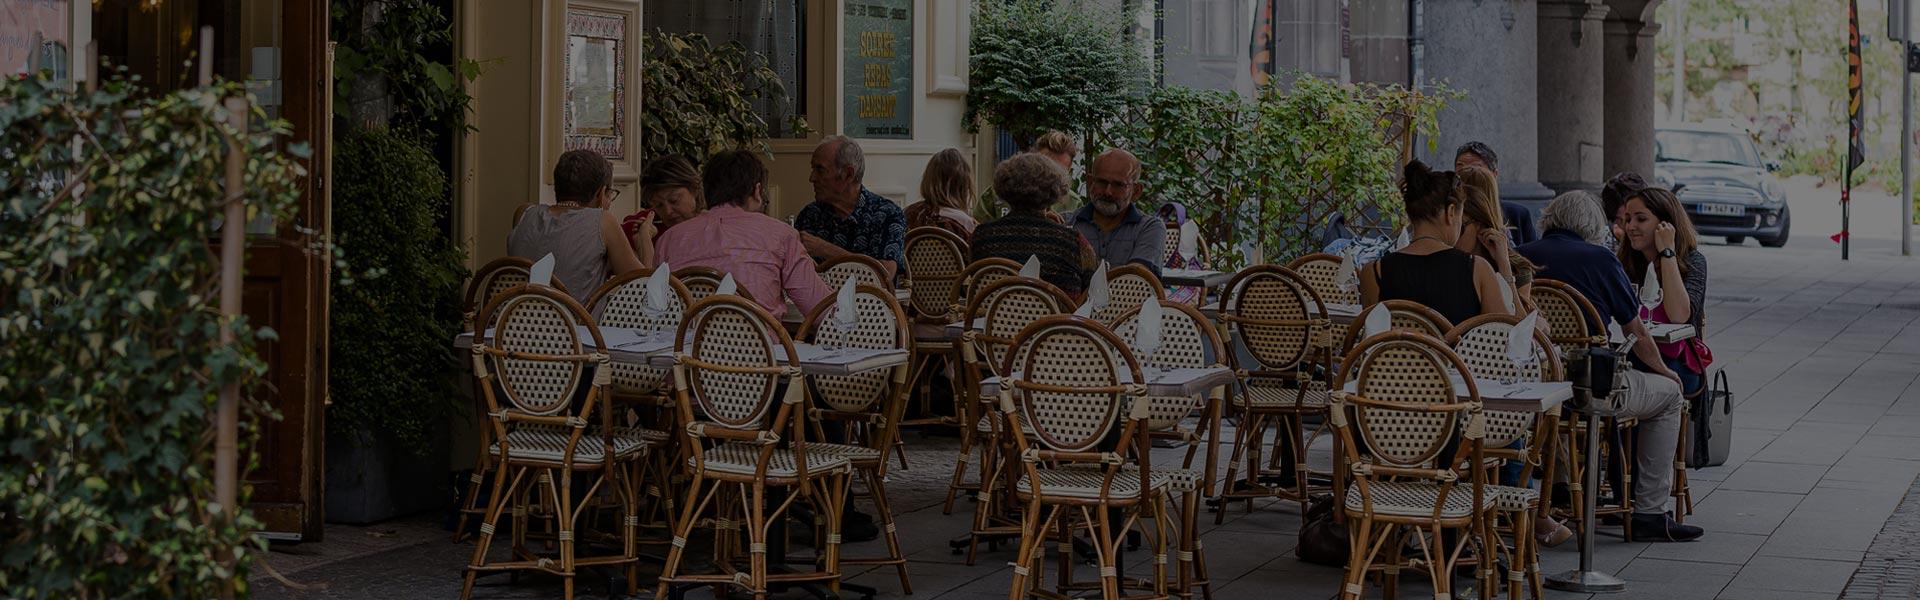 kristal-terrasse-metz-brasserie-traditionnelle